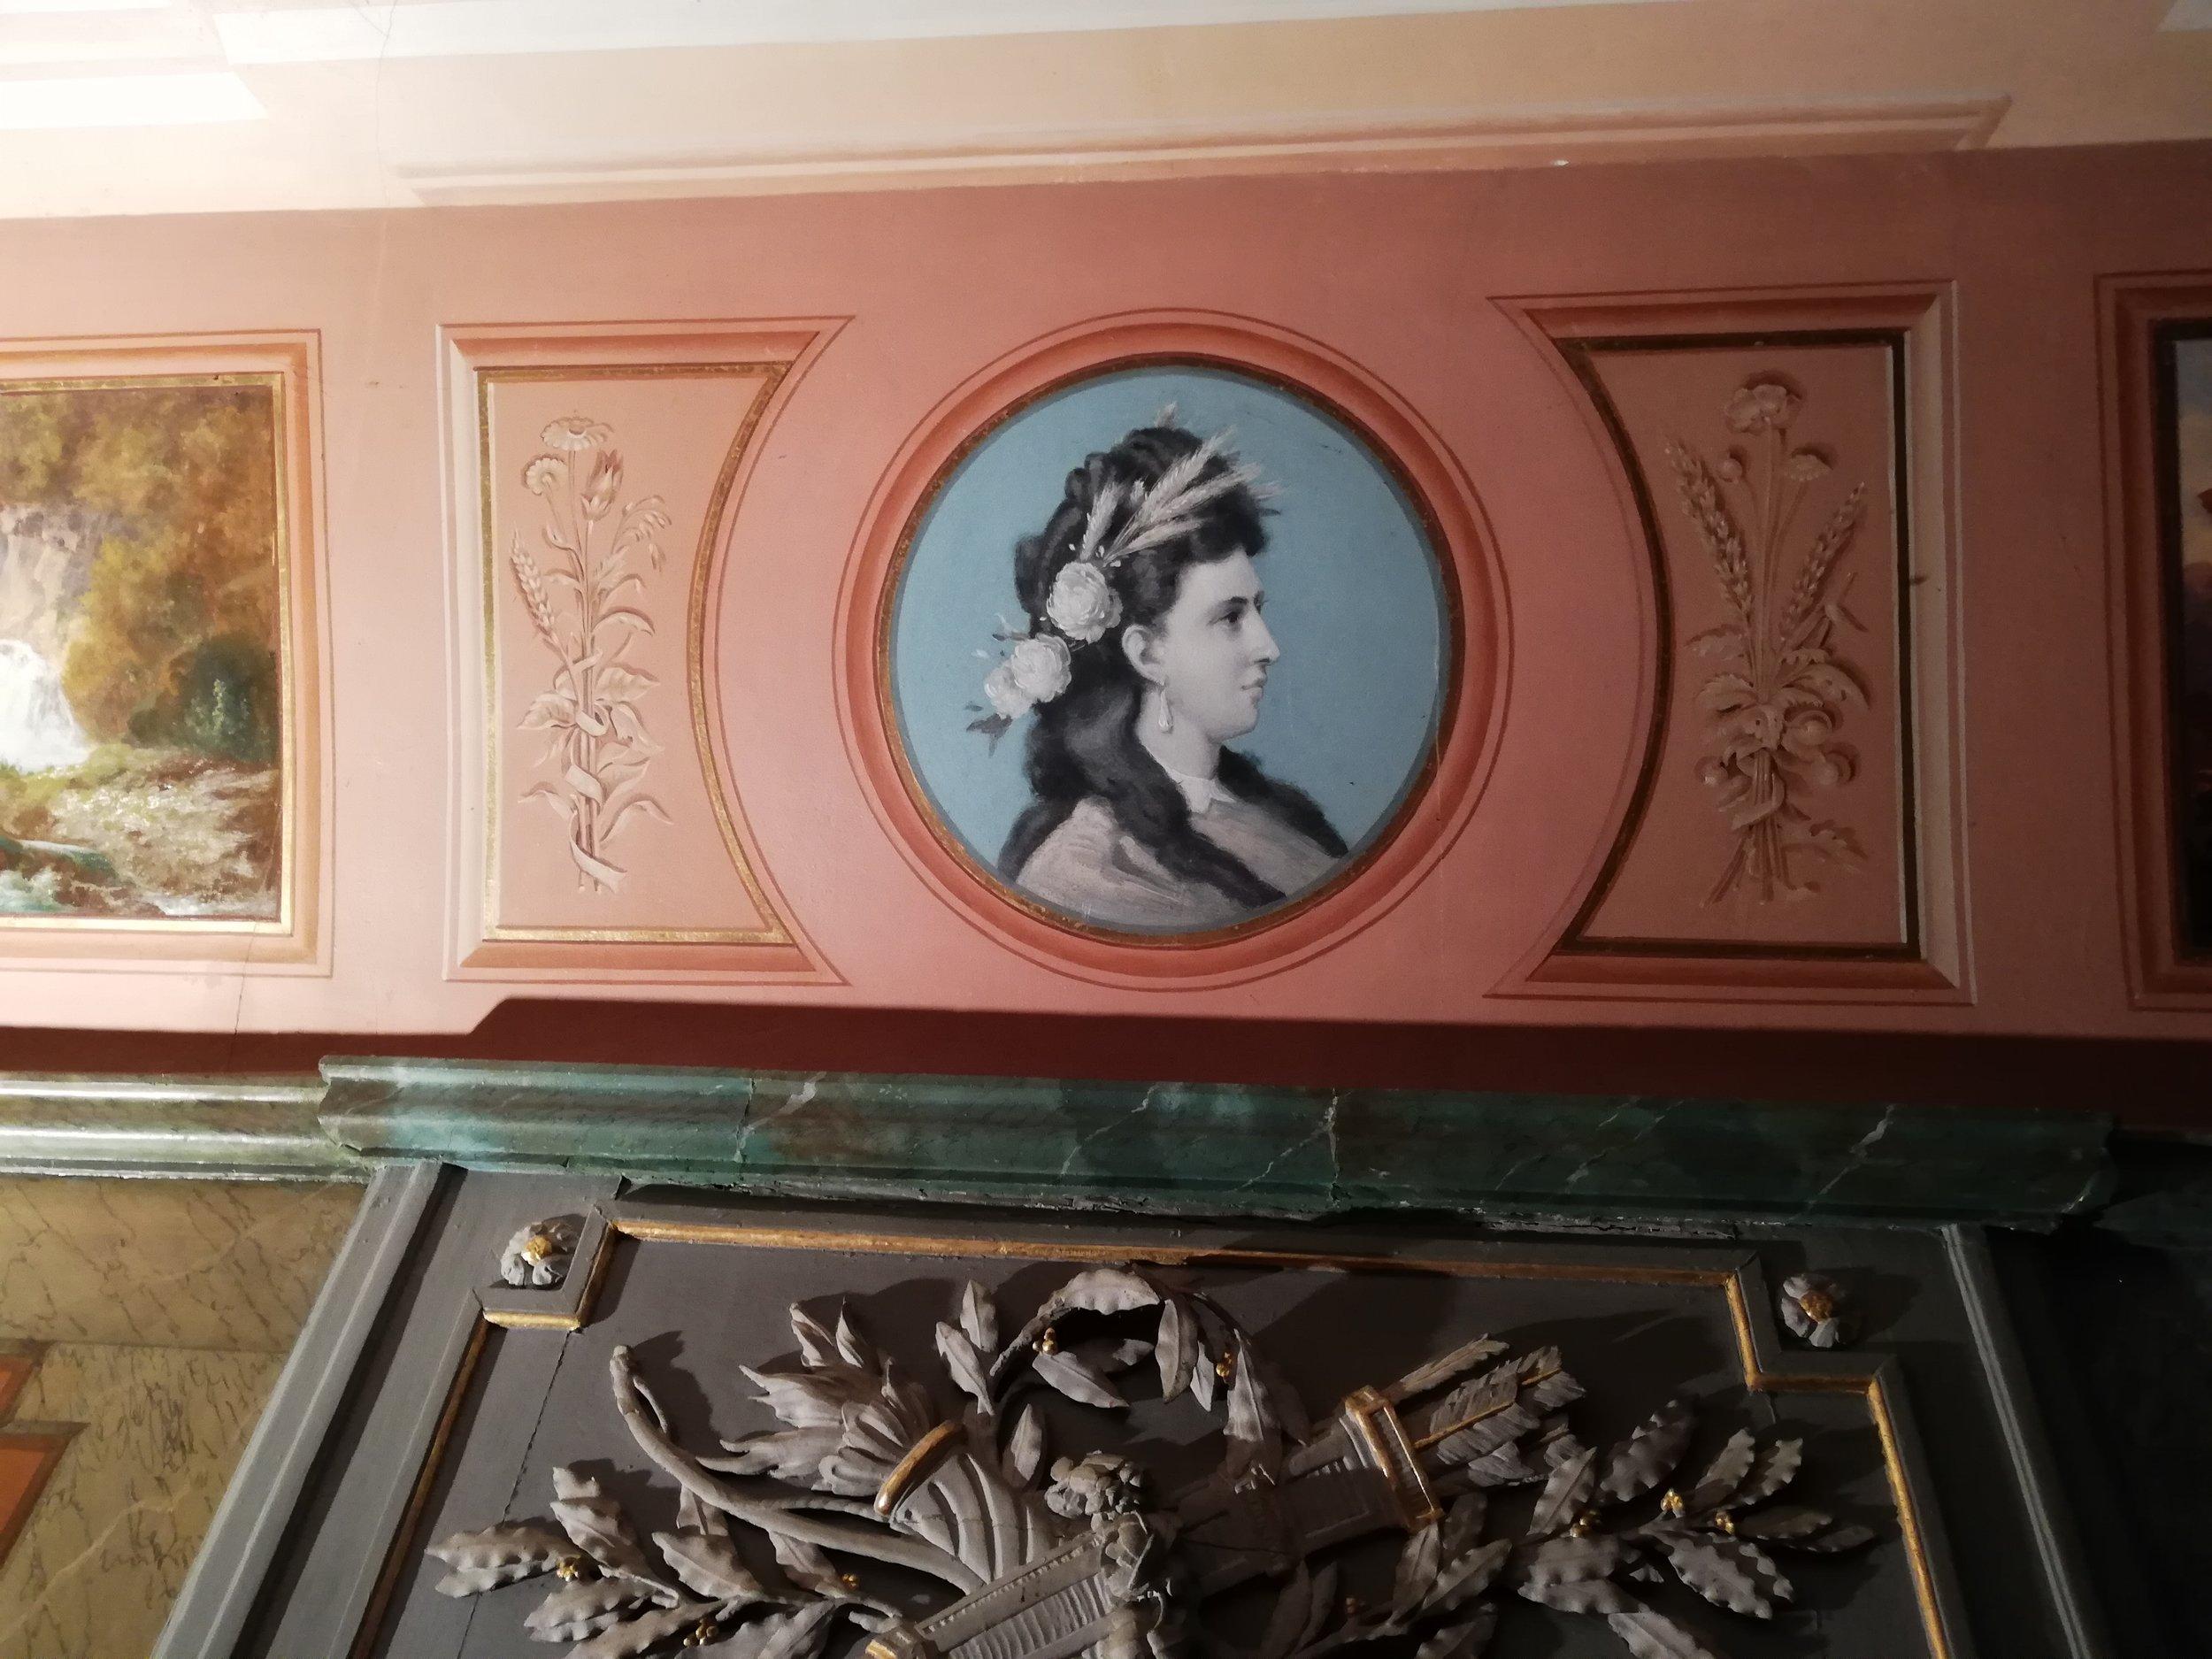 Le peintre Auguste Bachelin a réalisé 4 médaillons bleu monochrome rehaussé de blanc, représentant les 4 saisons via les portraits des dames de 4 générations de la famille Borel. Ici, il s'agit de Marie Helbing, femme d'Alfred, symbolisant l'été.